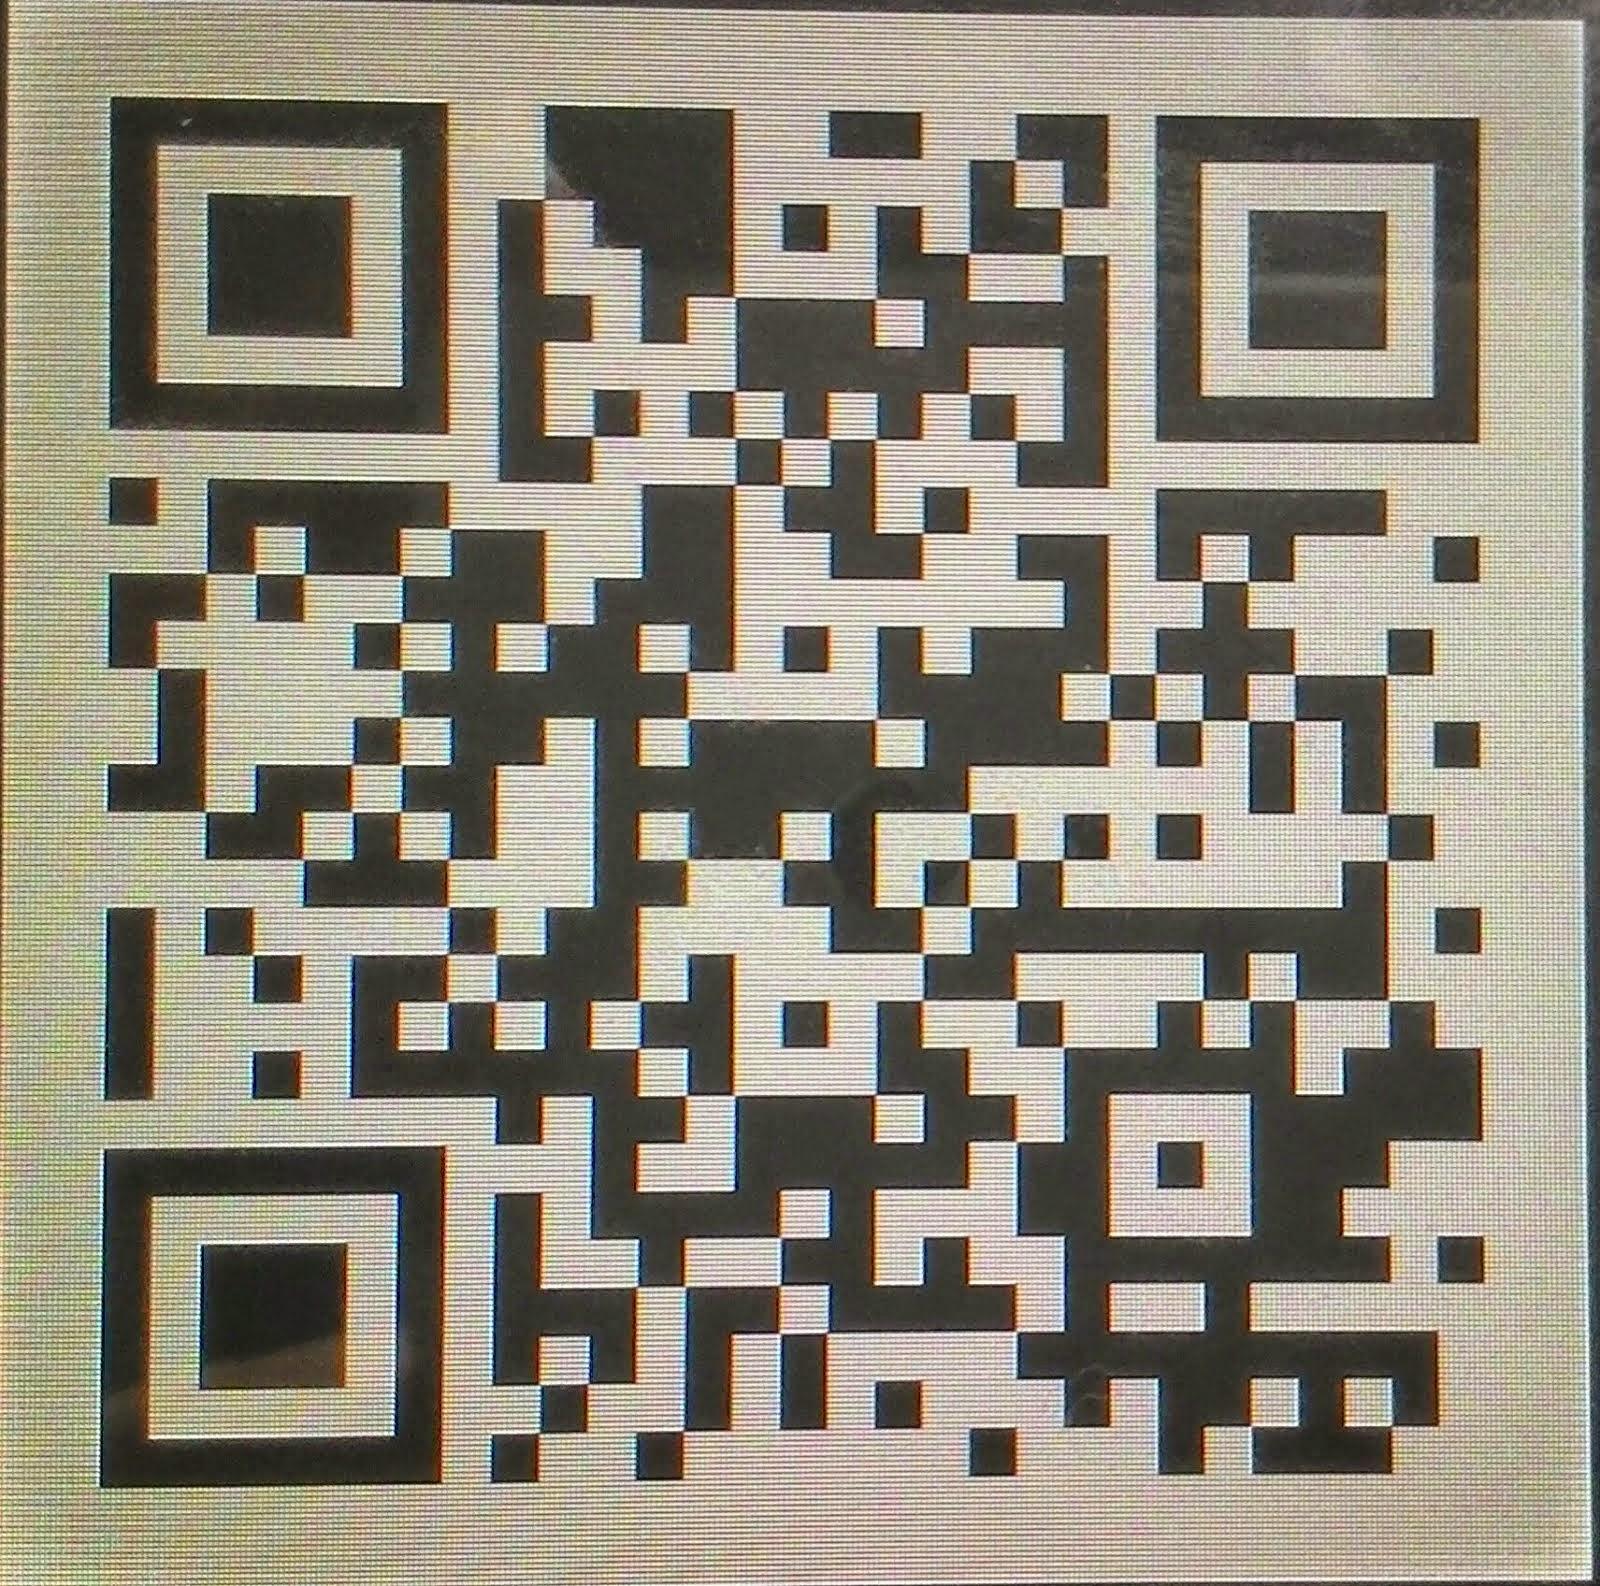 訊息加油站QR Code